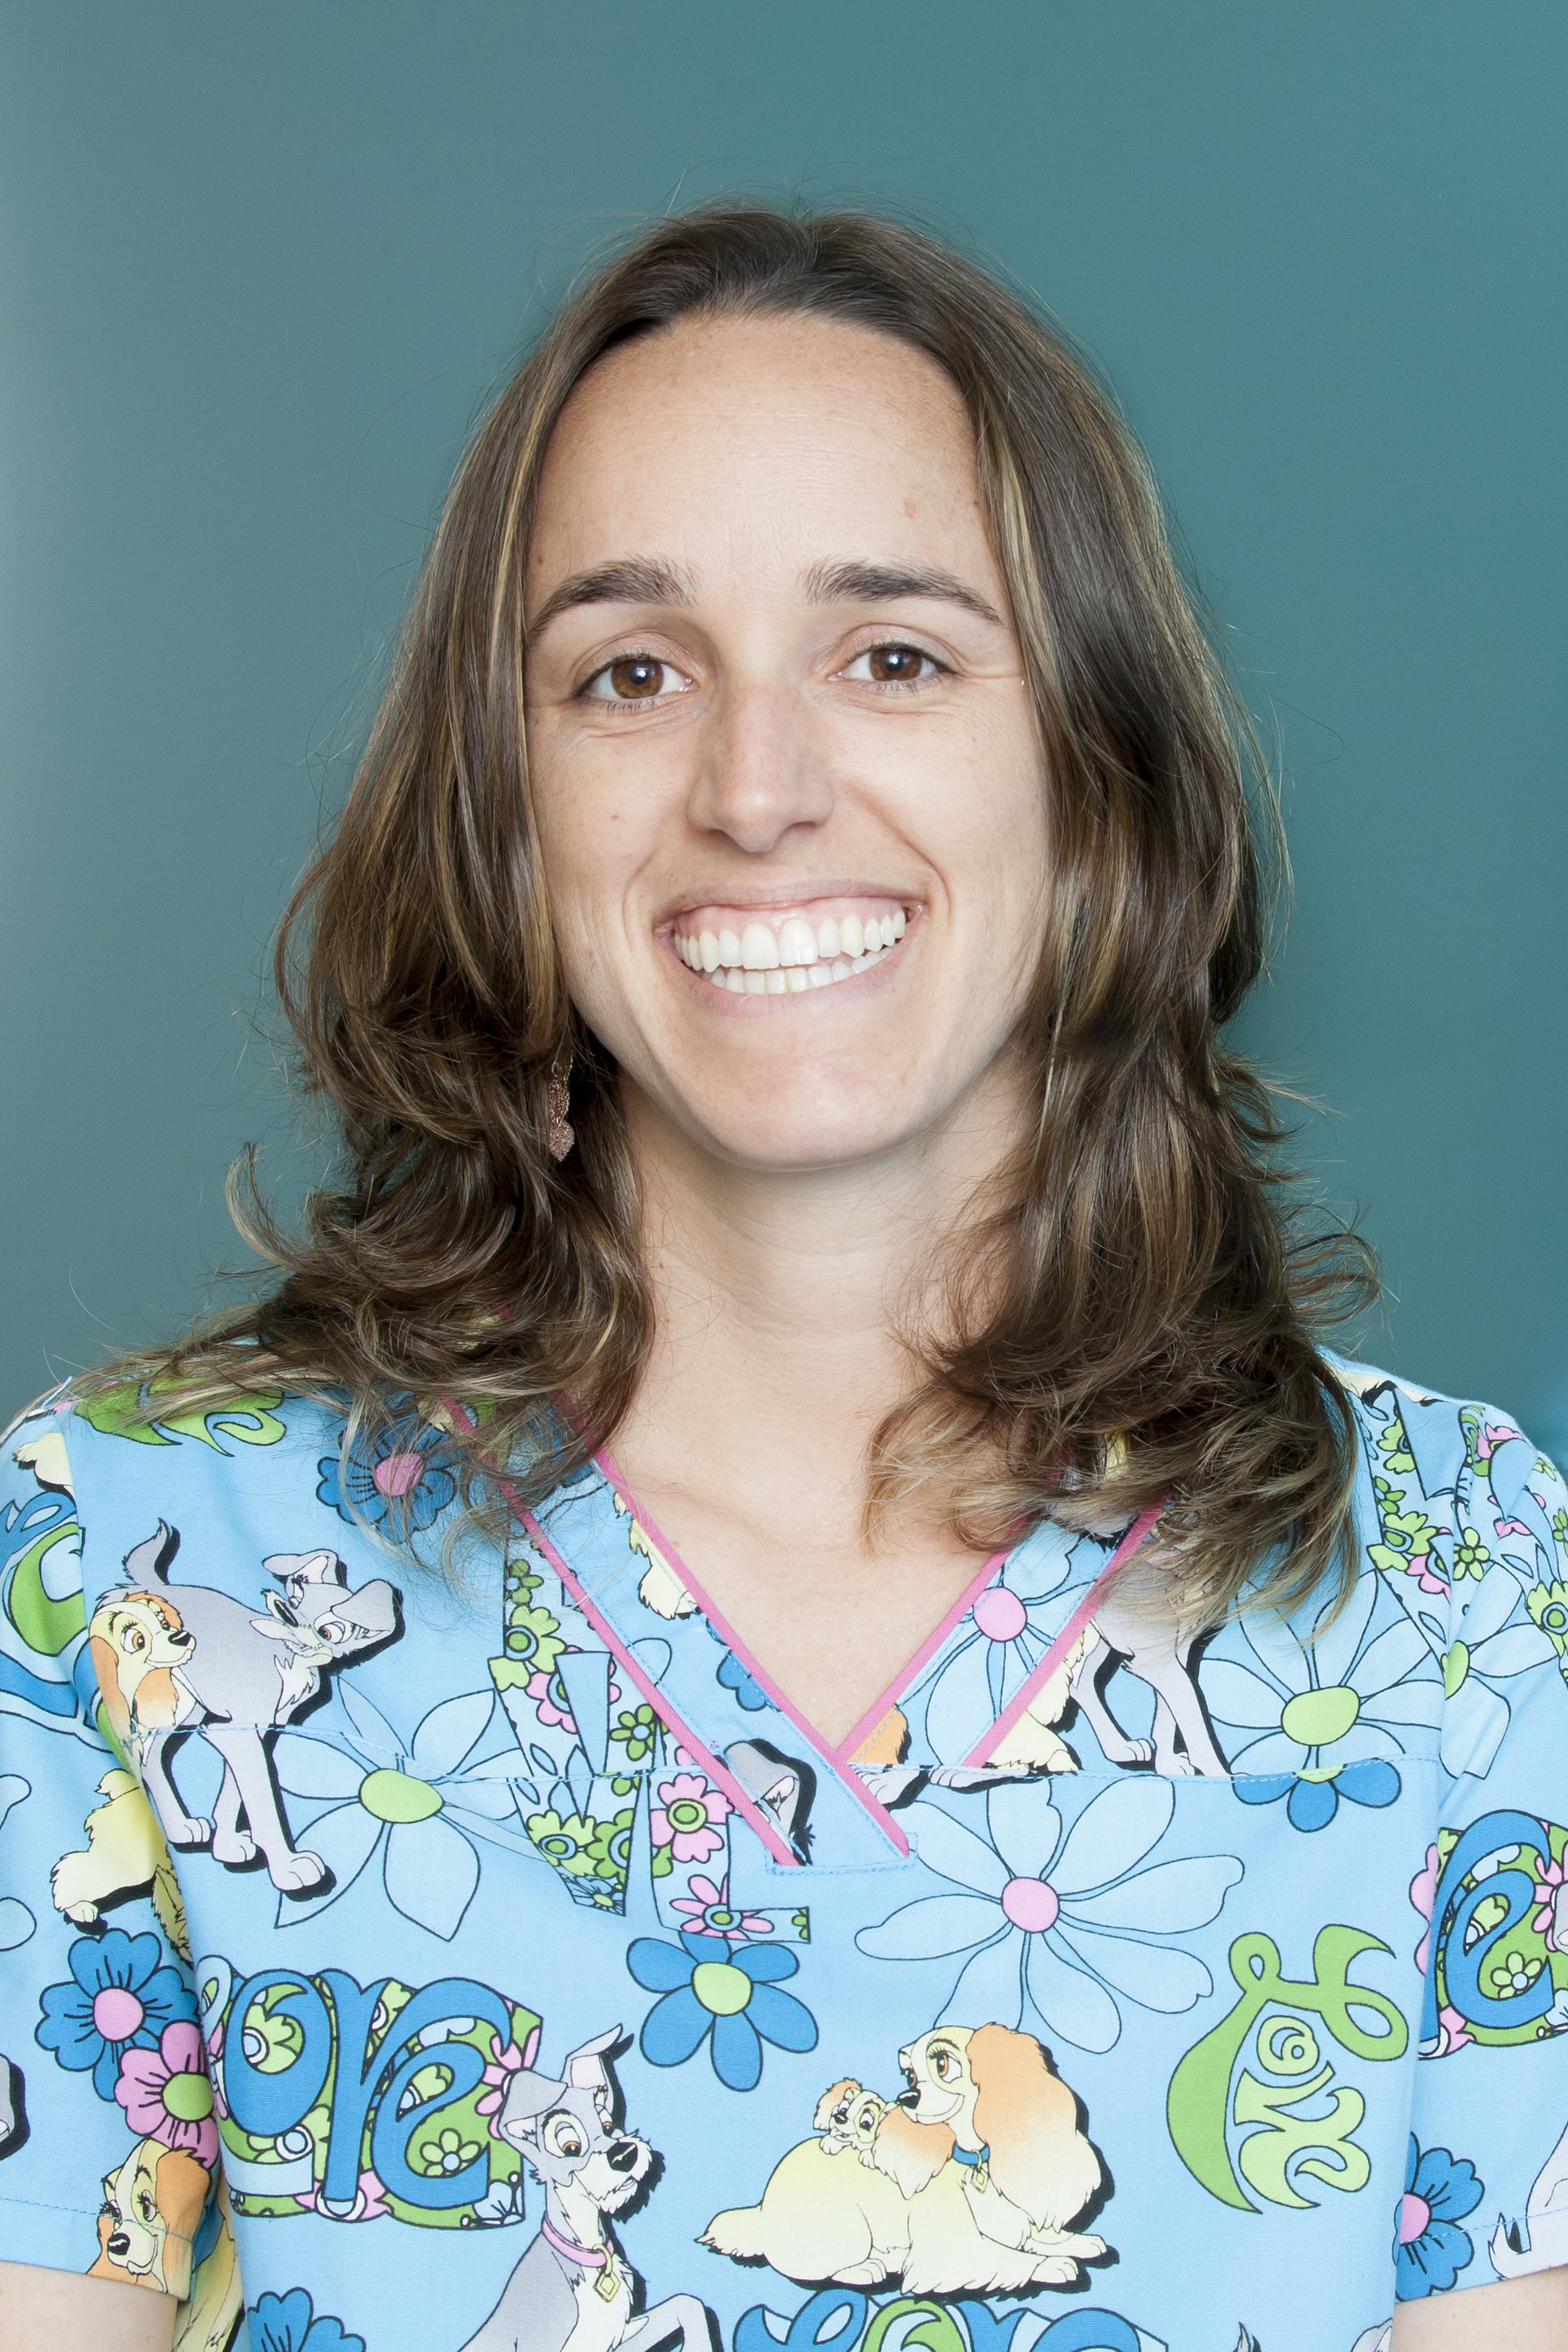 Dra Lara Concellón